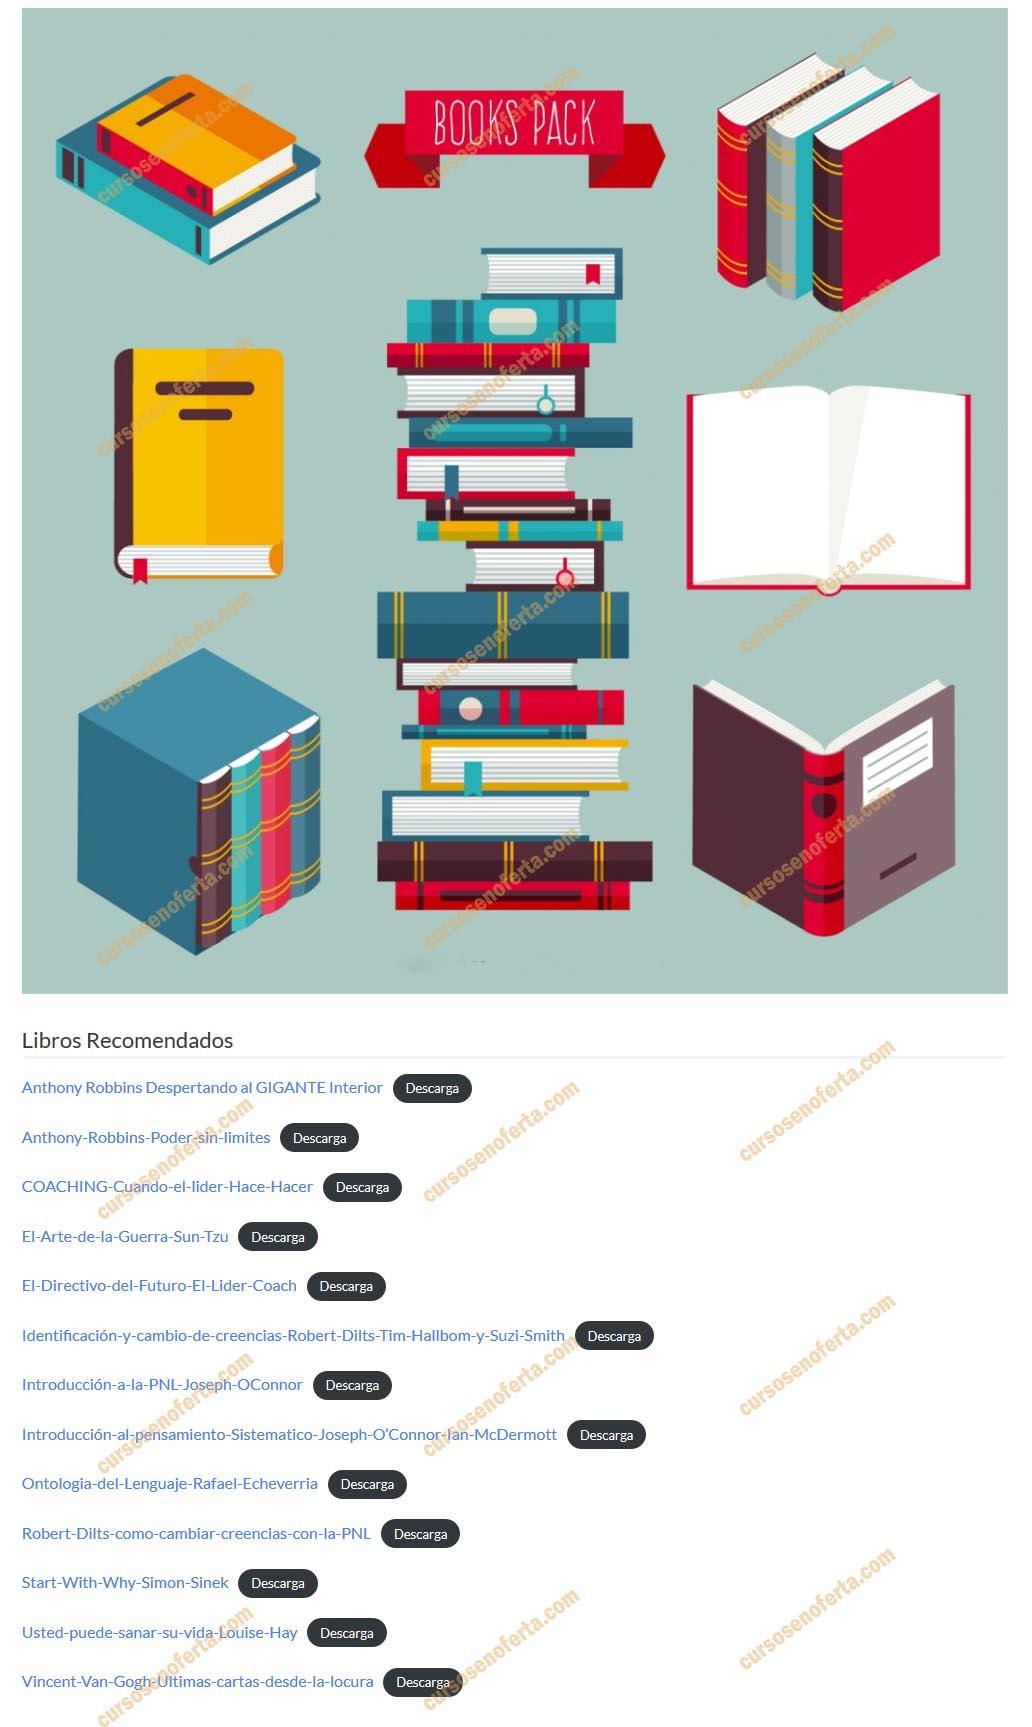 Libros Recomendados - Benoist Academy